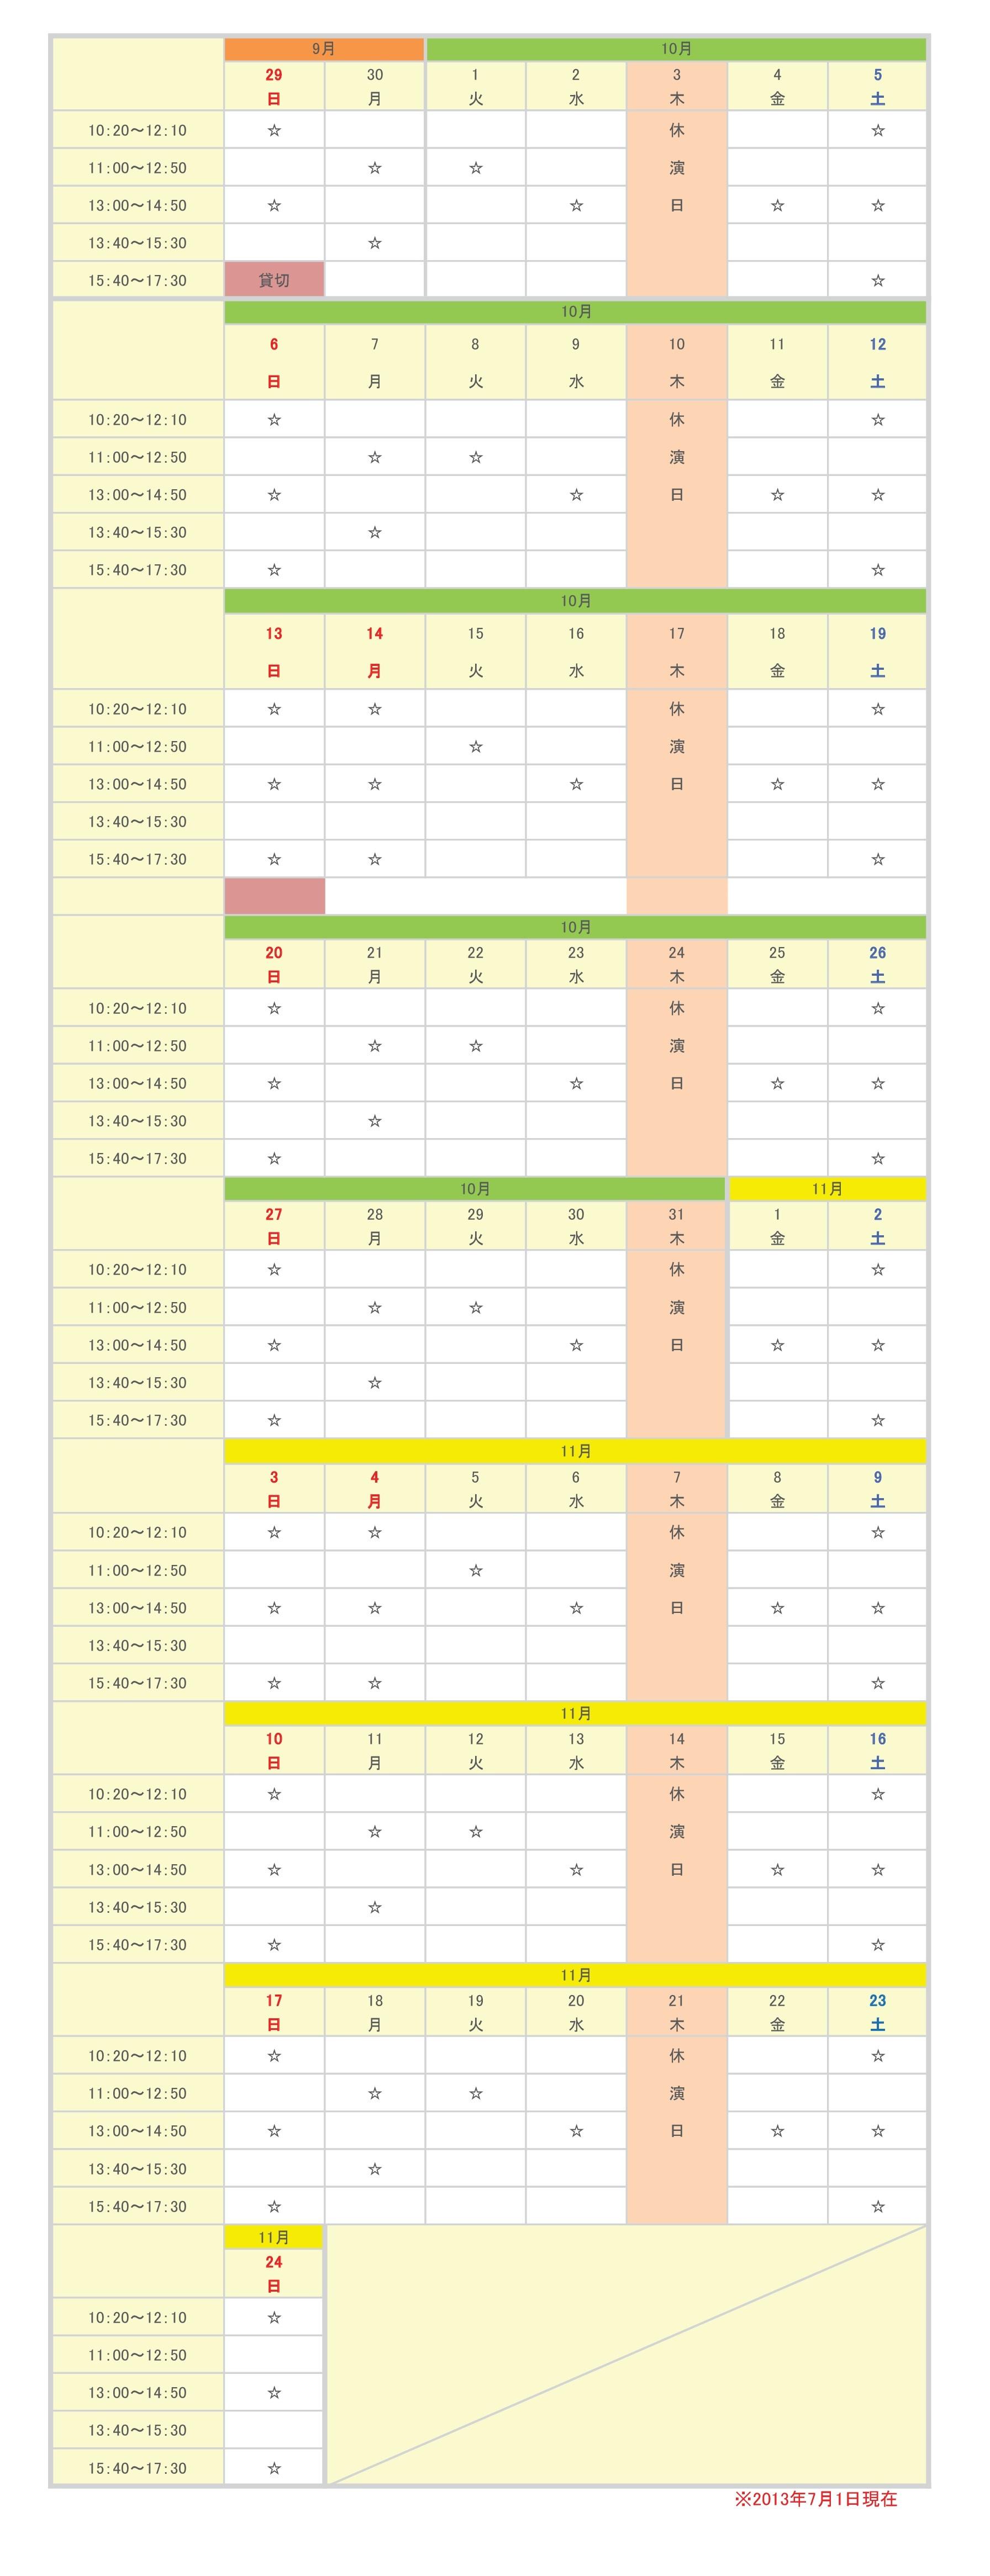 ポップサーカス 《宇都宮公演》スケジュール